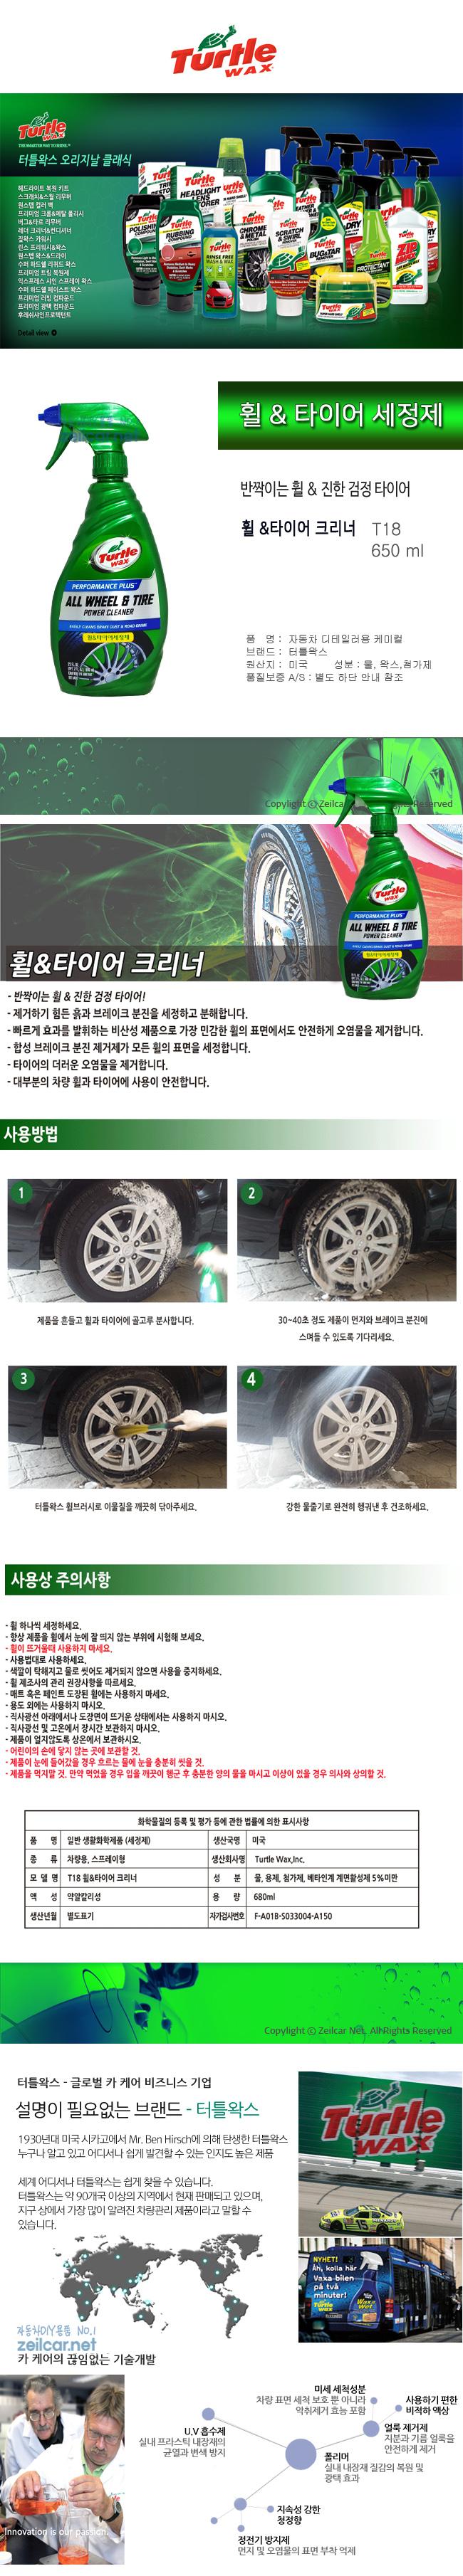 [TURTLE WAX] 터틀왁스 휠&타이어 크리너(T18), 휠세정제